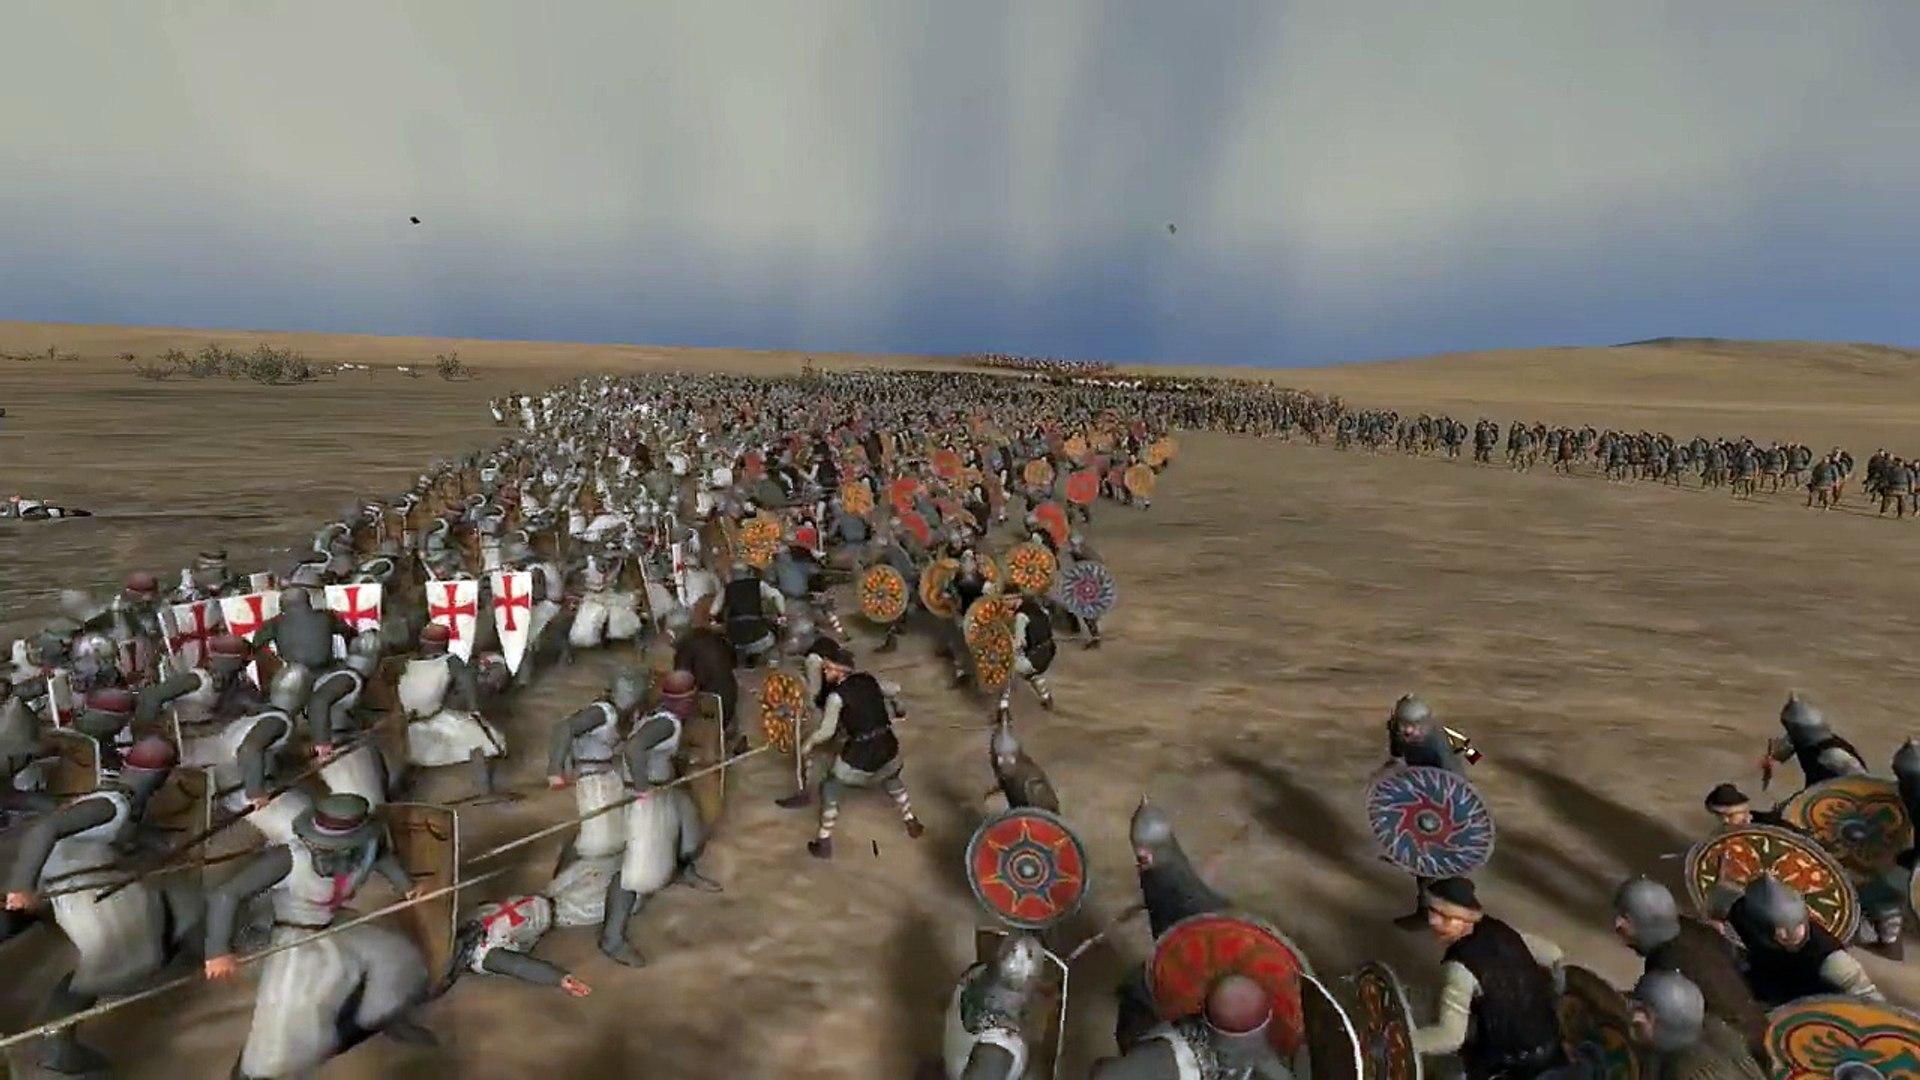 Crusader War - Video Game - War Game - Strategy Game -  Action Game - Shooting Game